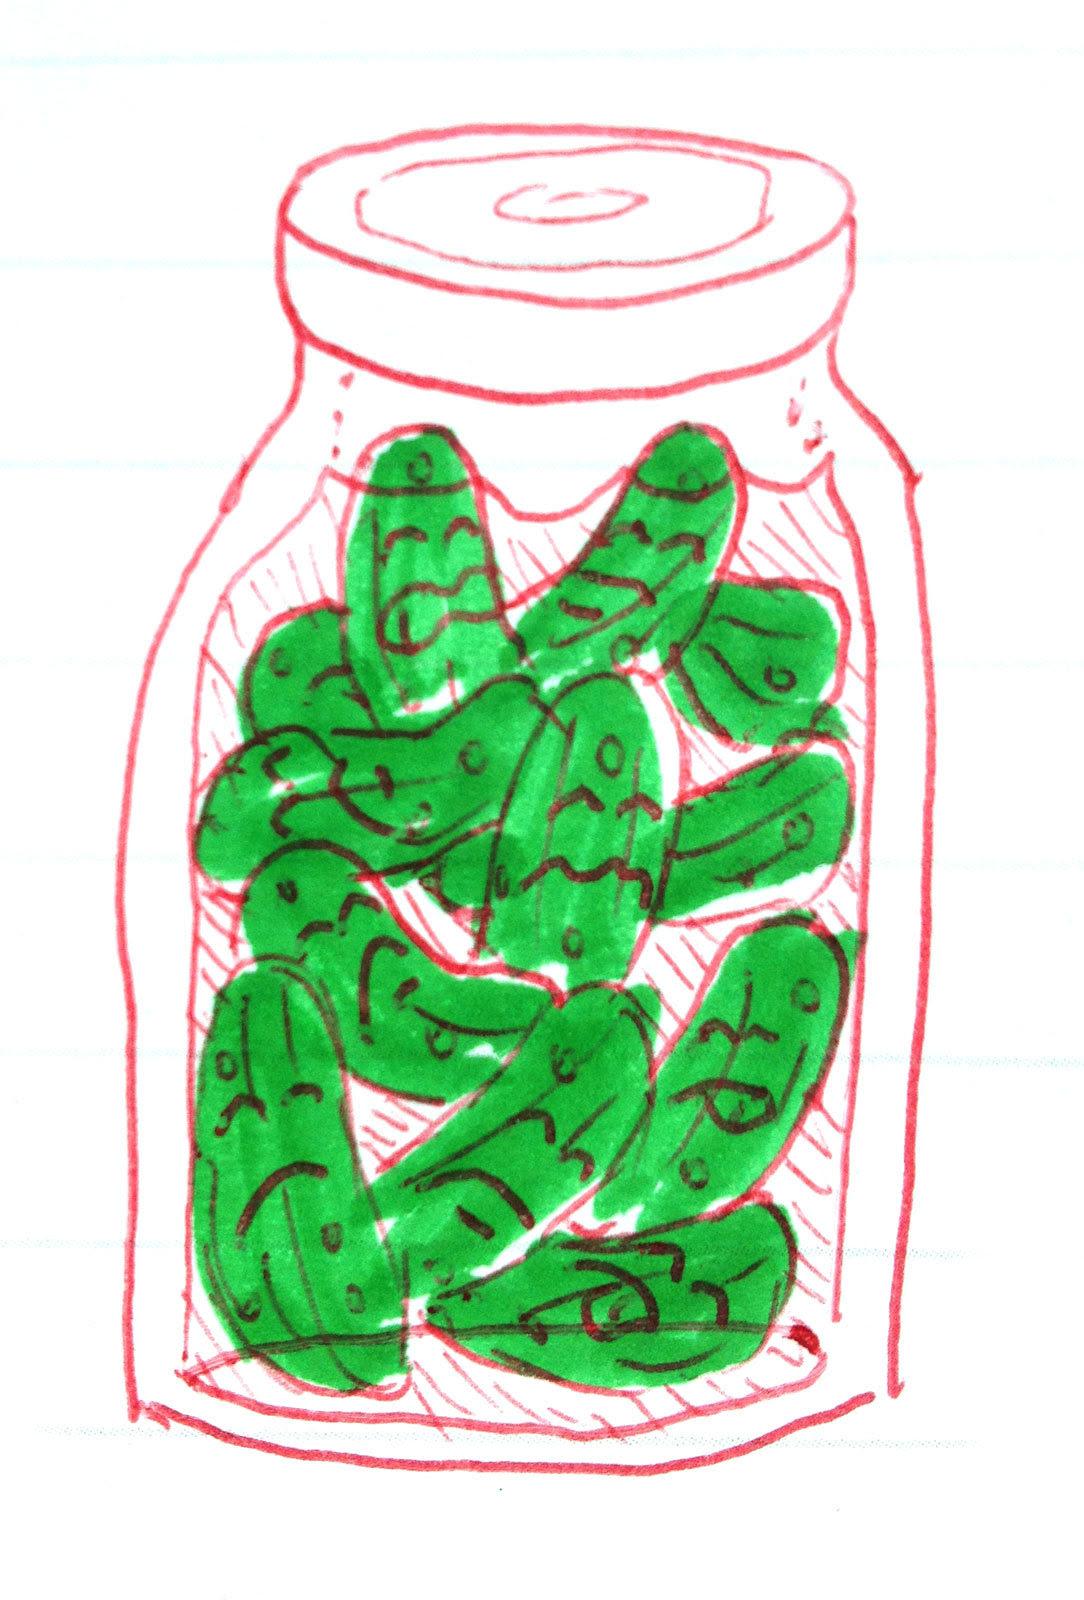 http://24.media.tumblr.com/tumblr_m48oiu7bu01r51r3oo1_1280.jpg